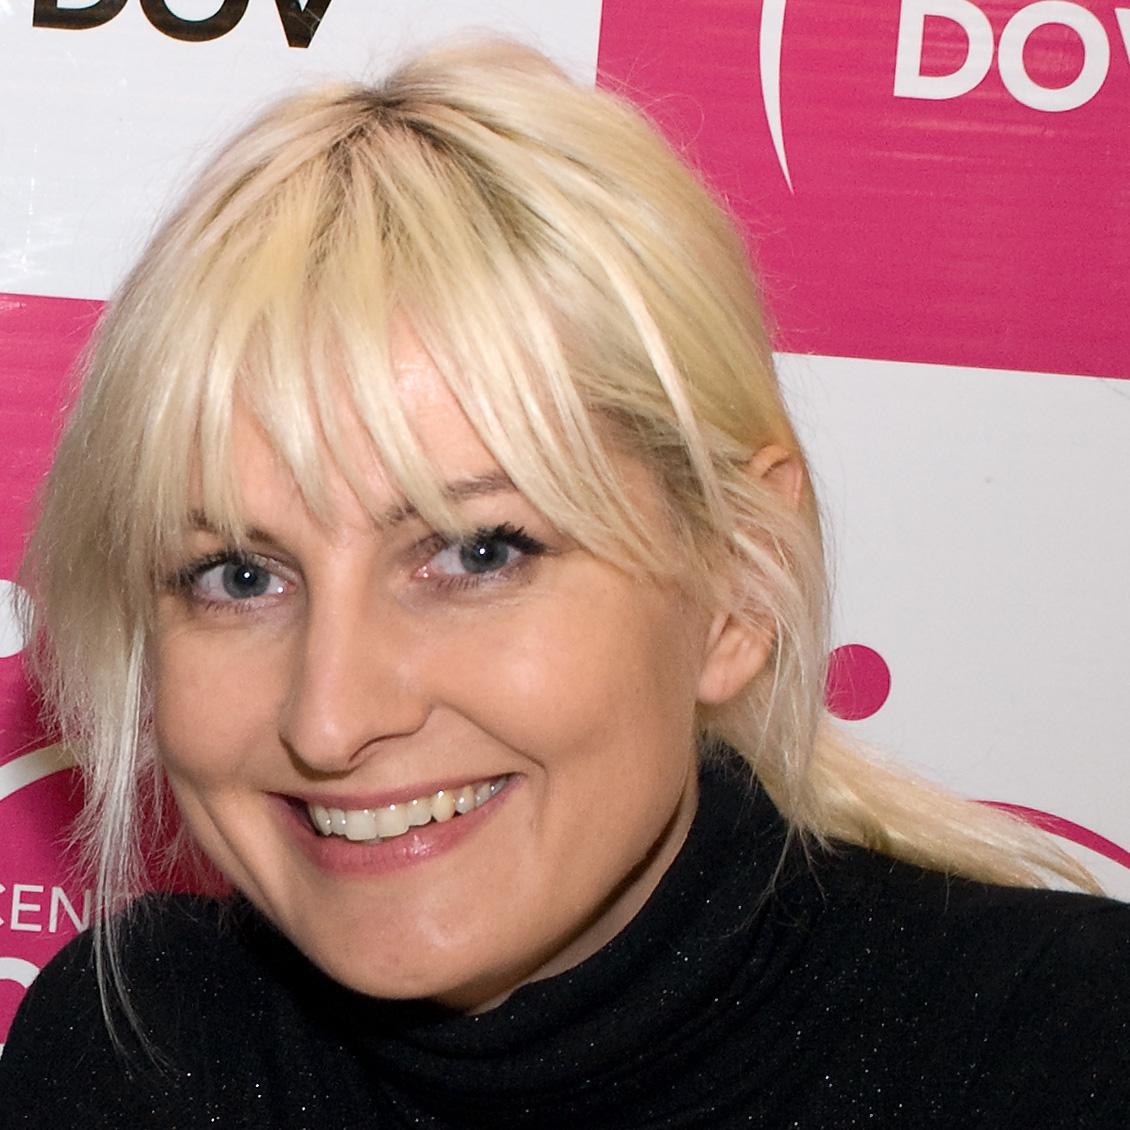 Bára Nesvadbová in November 2010